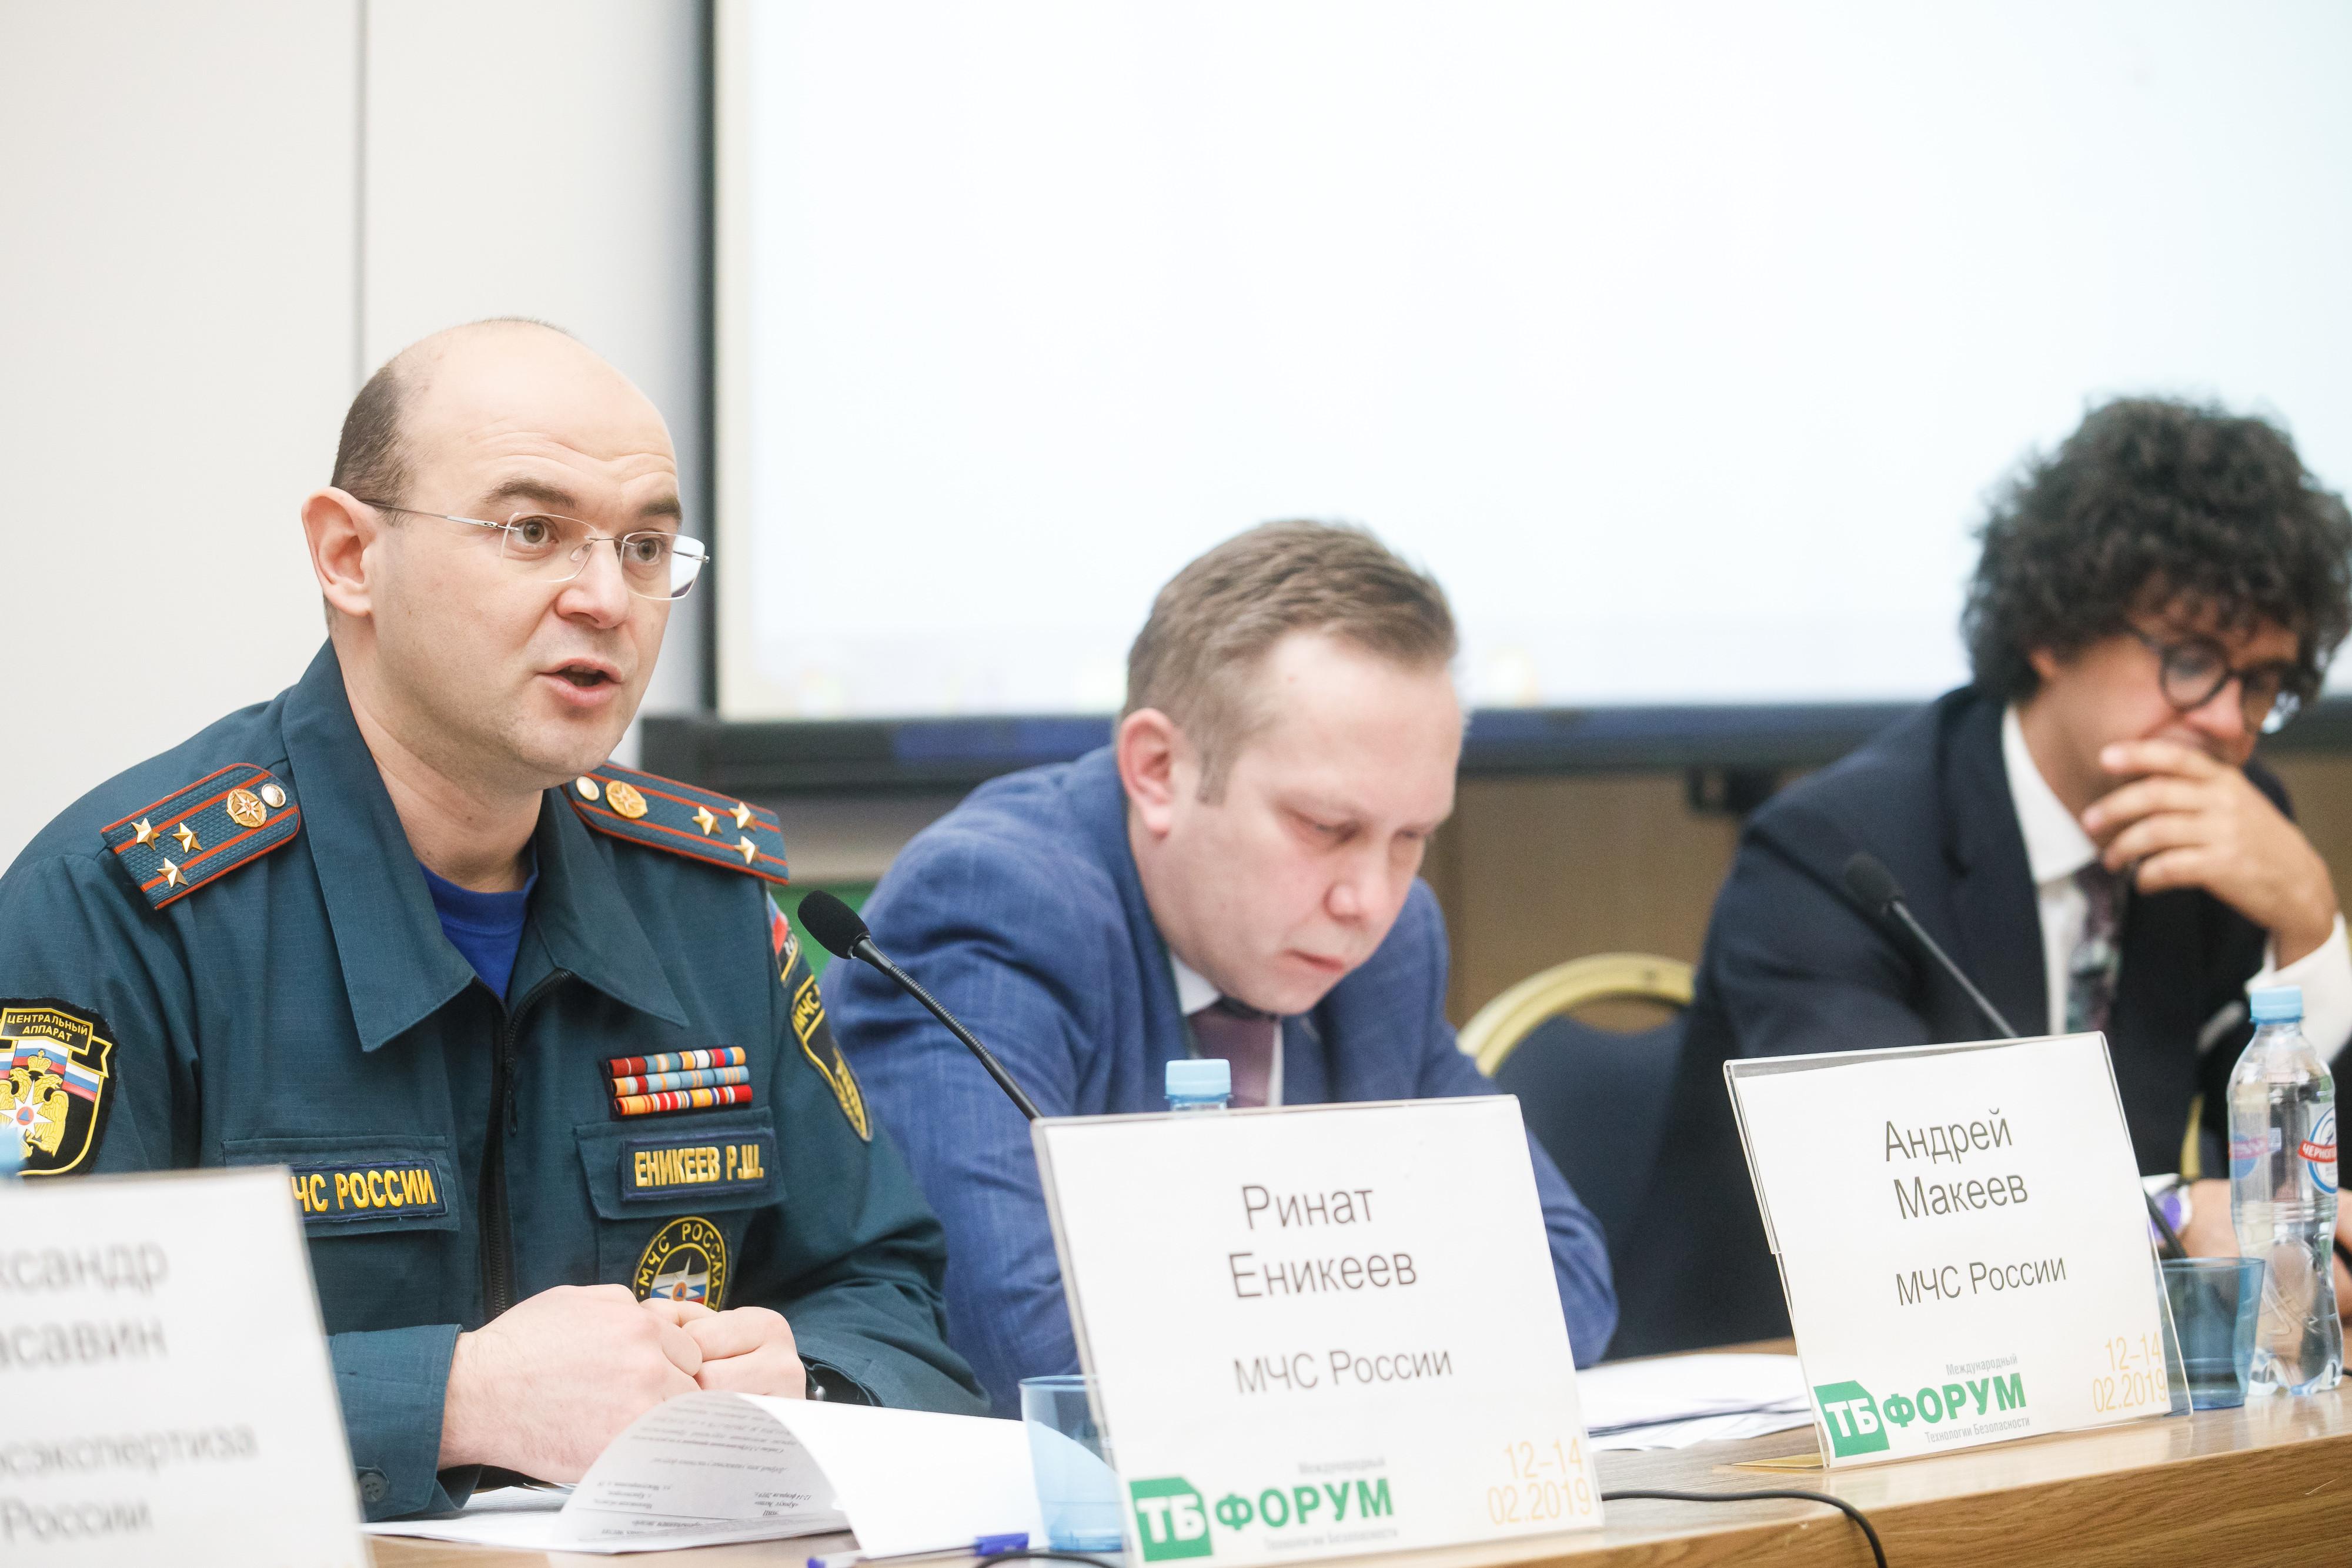 11 февраля – мощный старт юбилейного ТБ Форума с двух конференций по безопасности мест с массовым пребыванием людей